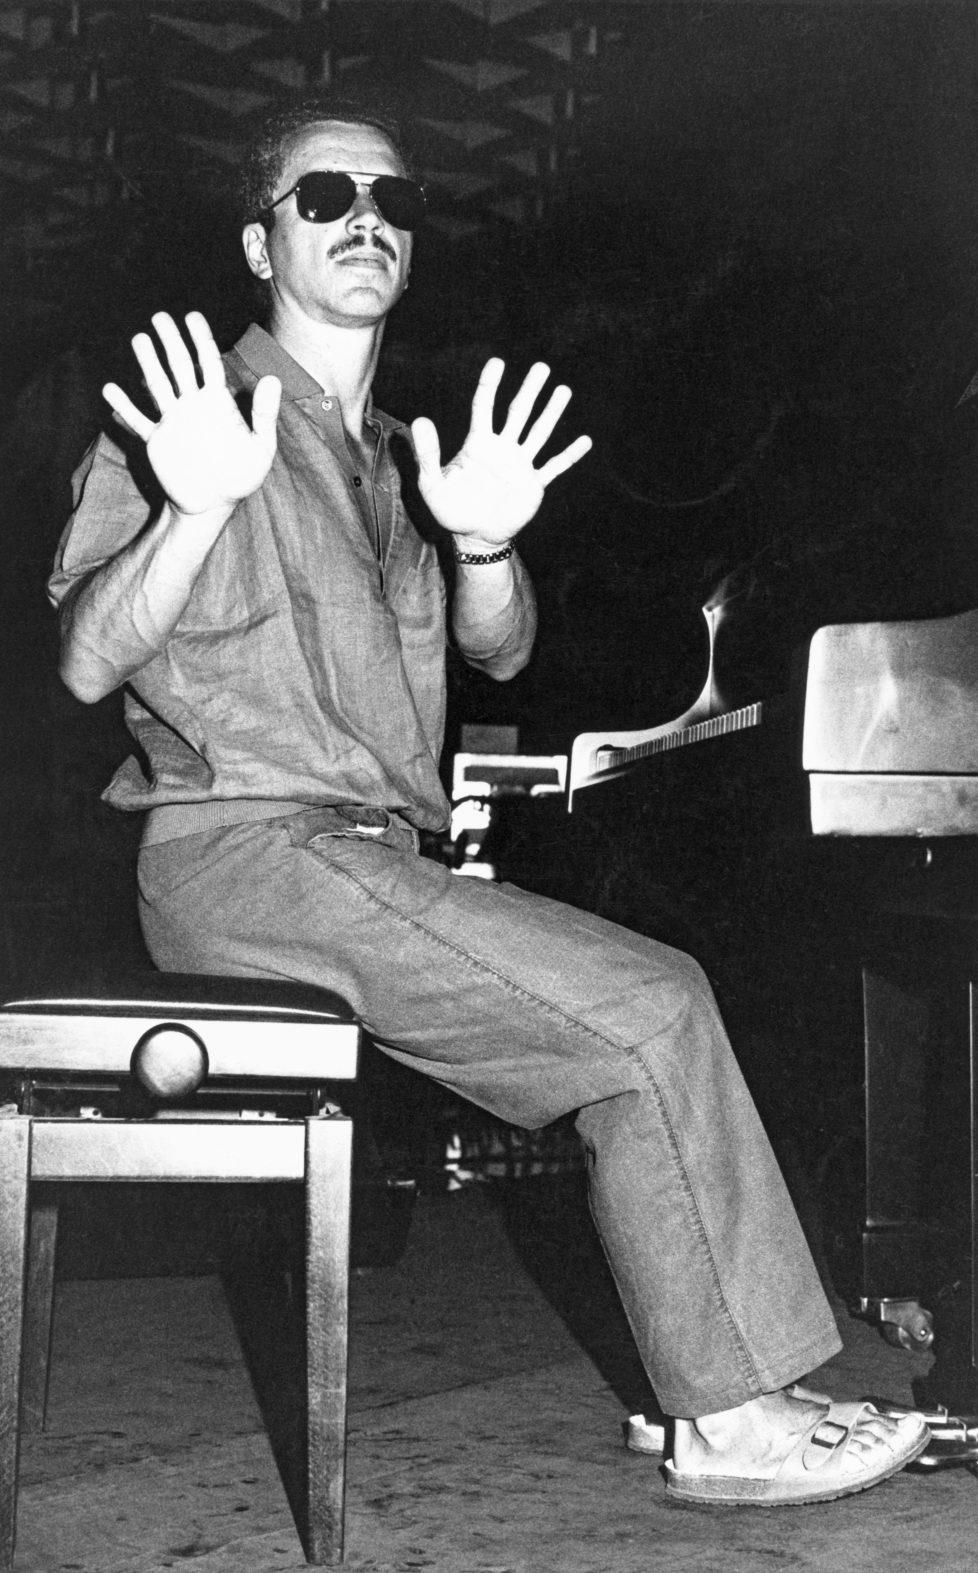 Keith Jarrett, pianist, pictured with a defensive gesture towards photographers, in July of 1985 before his performance at the Montreux Jazz Festival. (KEYSTONE/Dany Gignoux) Keith Jarrett, Pianist, mit einer abwehrenden Geste gegenueber Fotografen, die ihn fotoagrafieren wollen, aufgenommen im Juli 1985 vor seinem Auftritt am Montreux Jazz Festival. (KEYSTONE/Dany Gignoux)